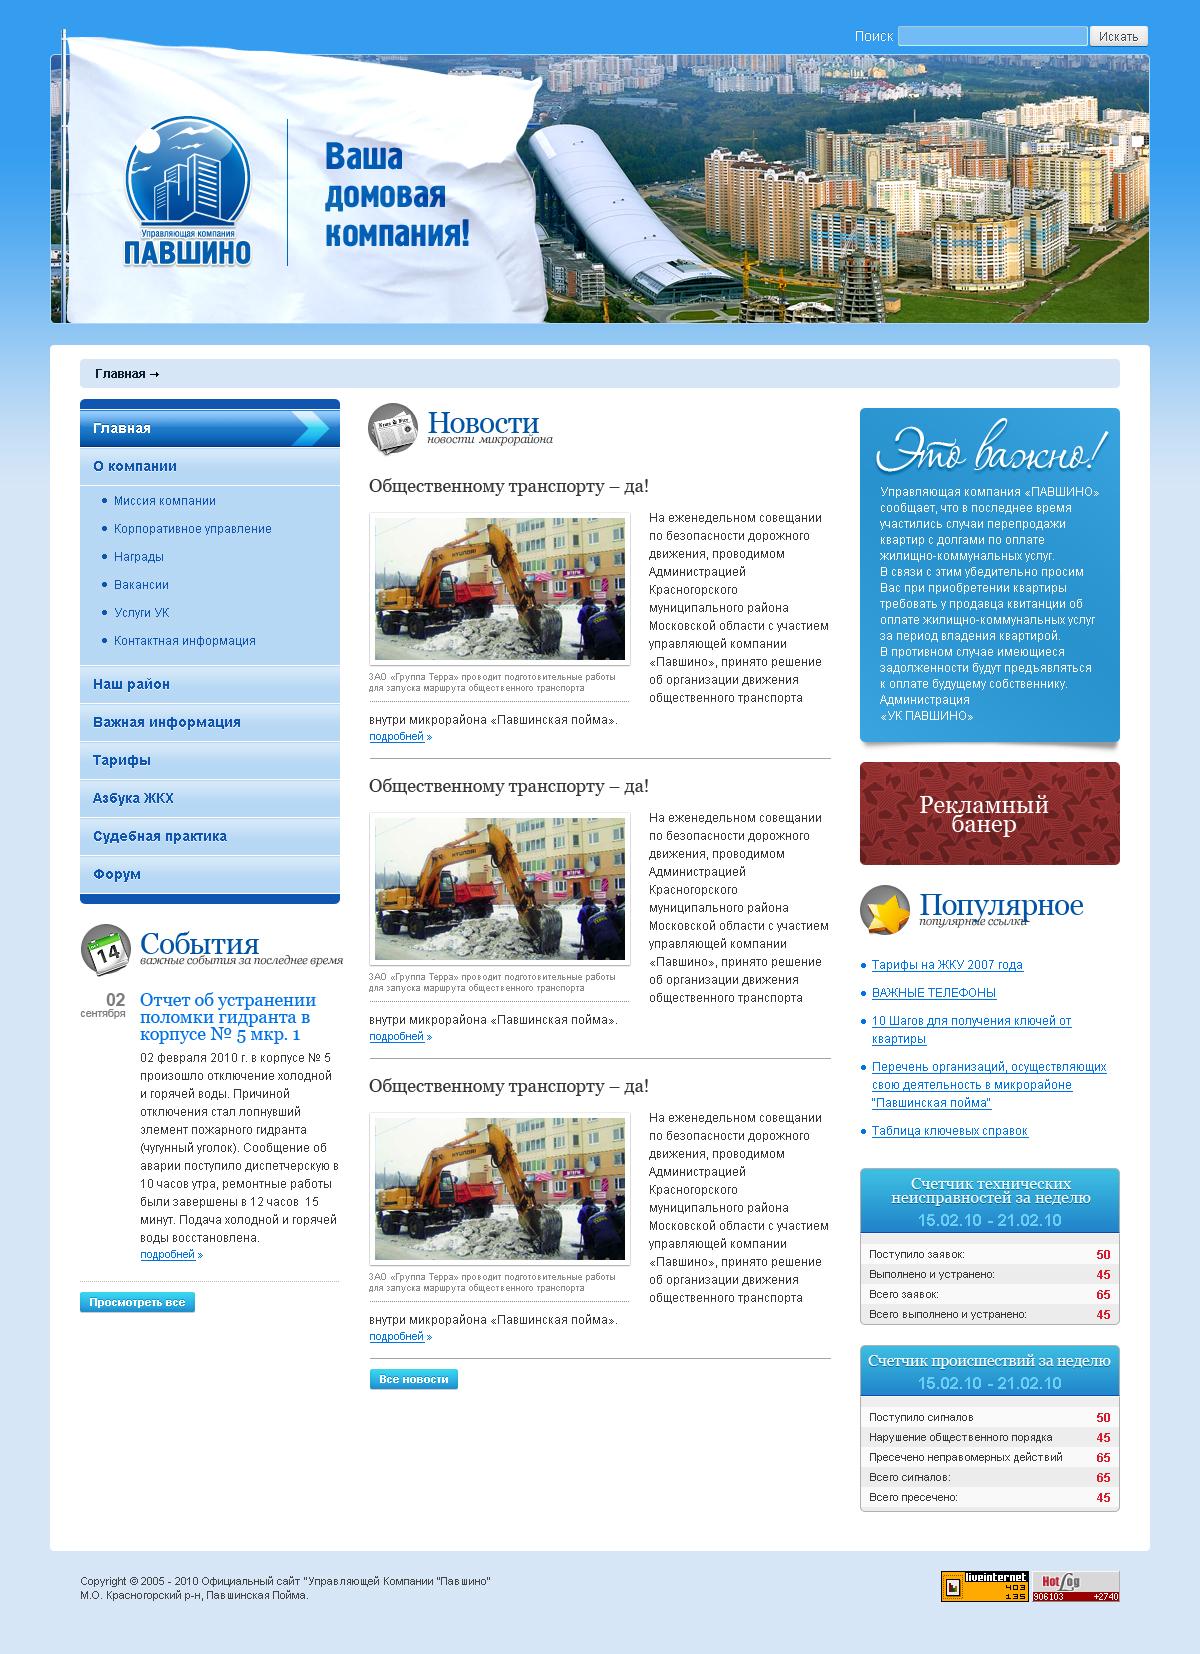 Сайт Павшино